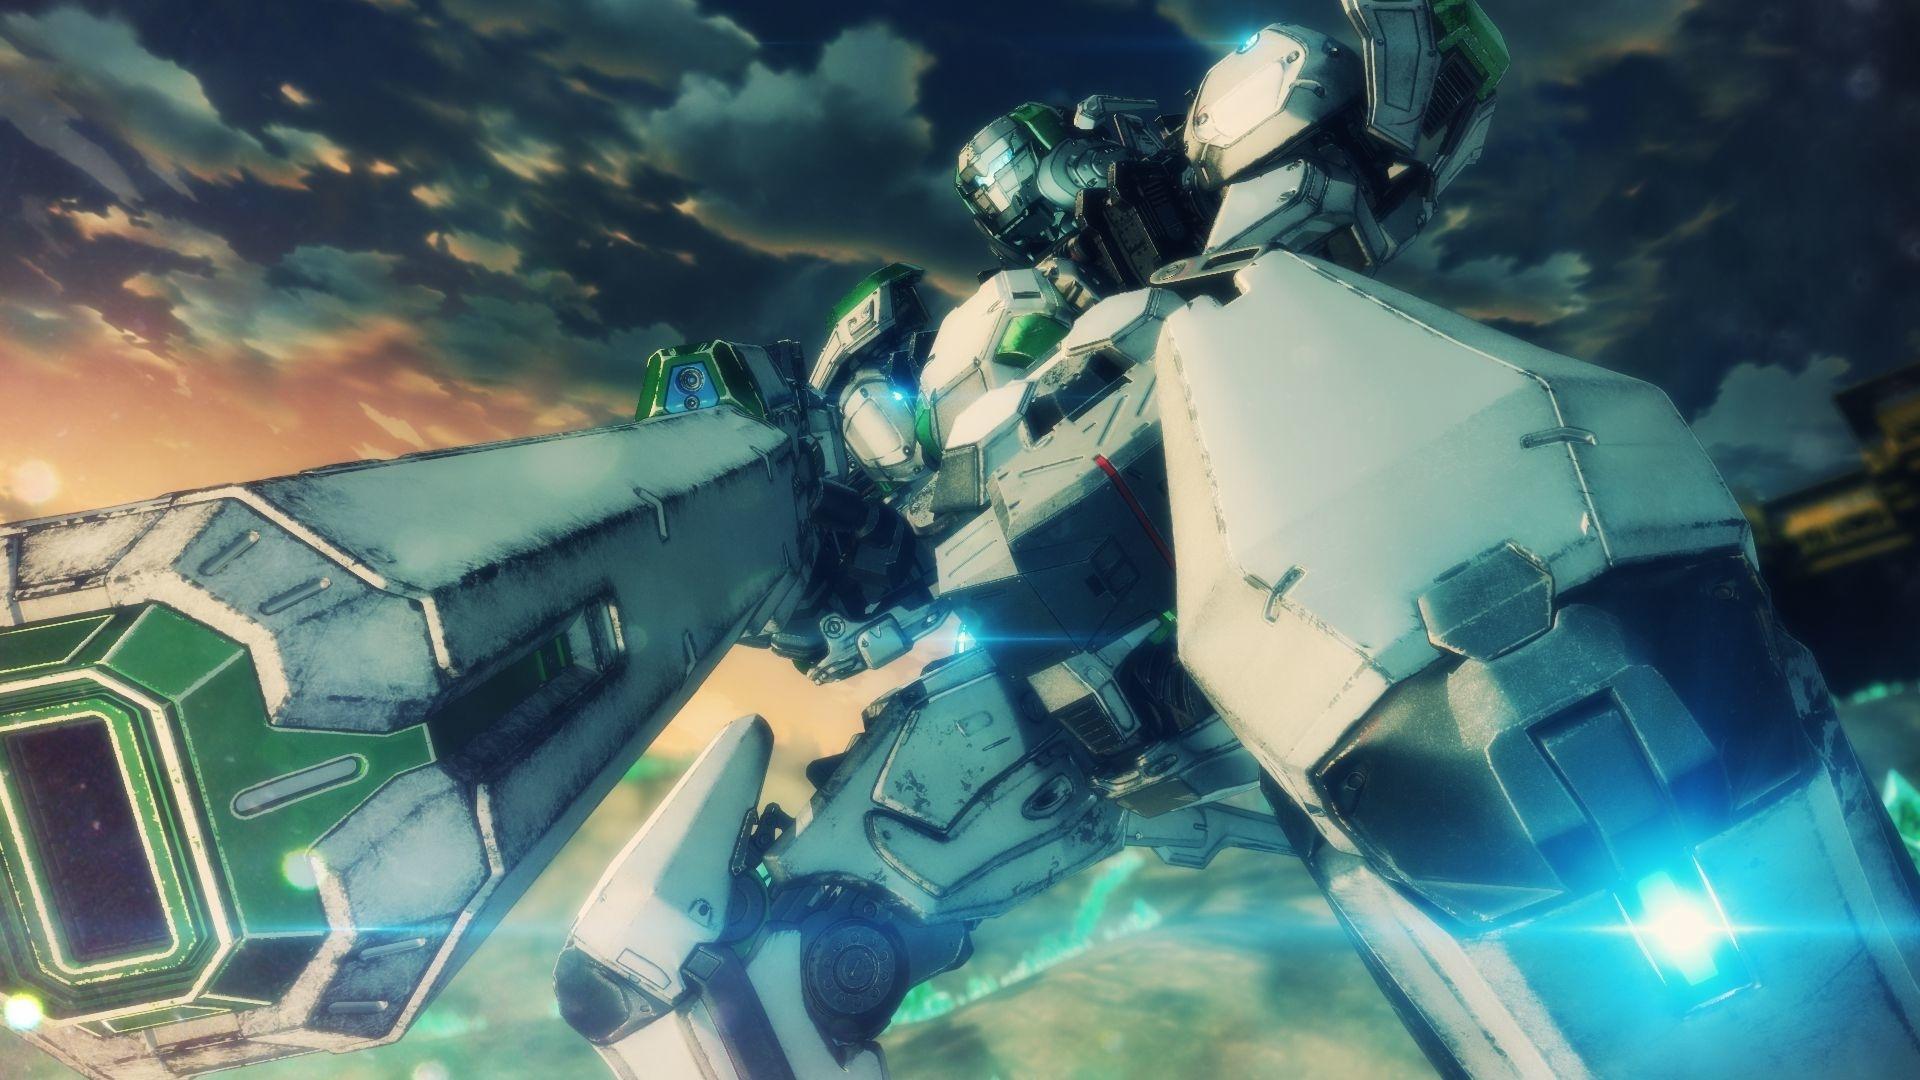 《戰線突破》:如果喜歡機甲對戰,你就不該錯過這款風味獨特的科幻 TPS